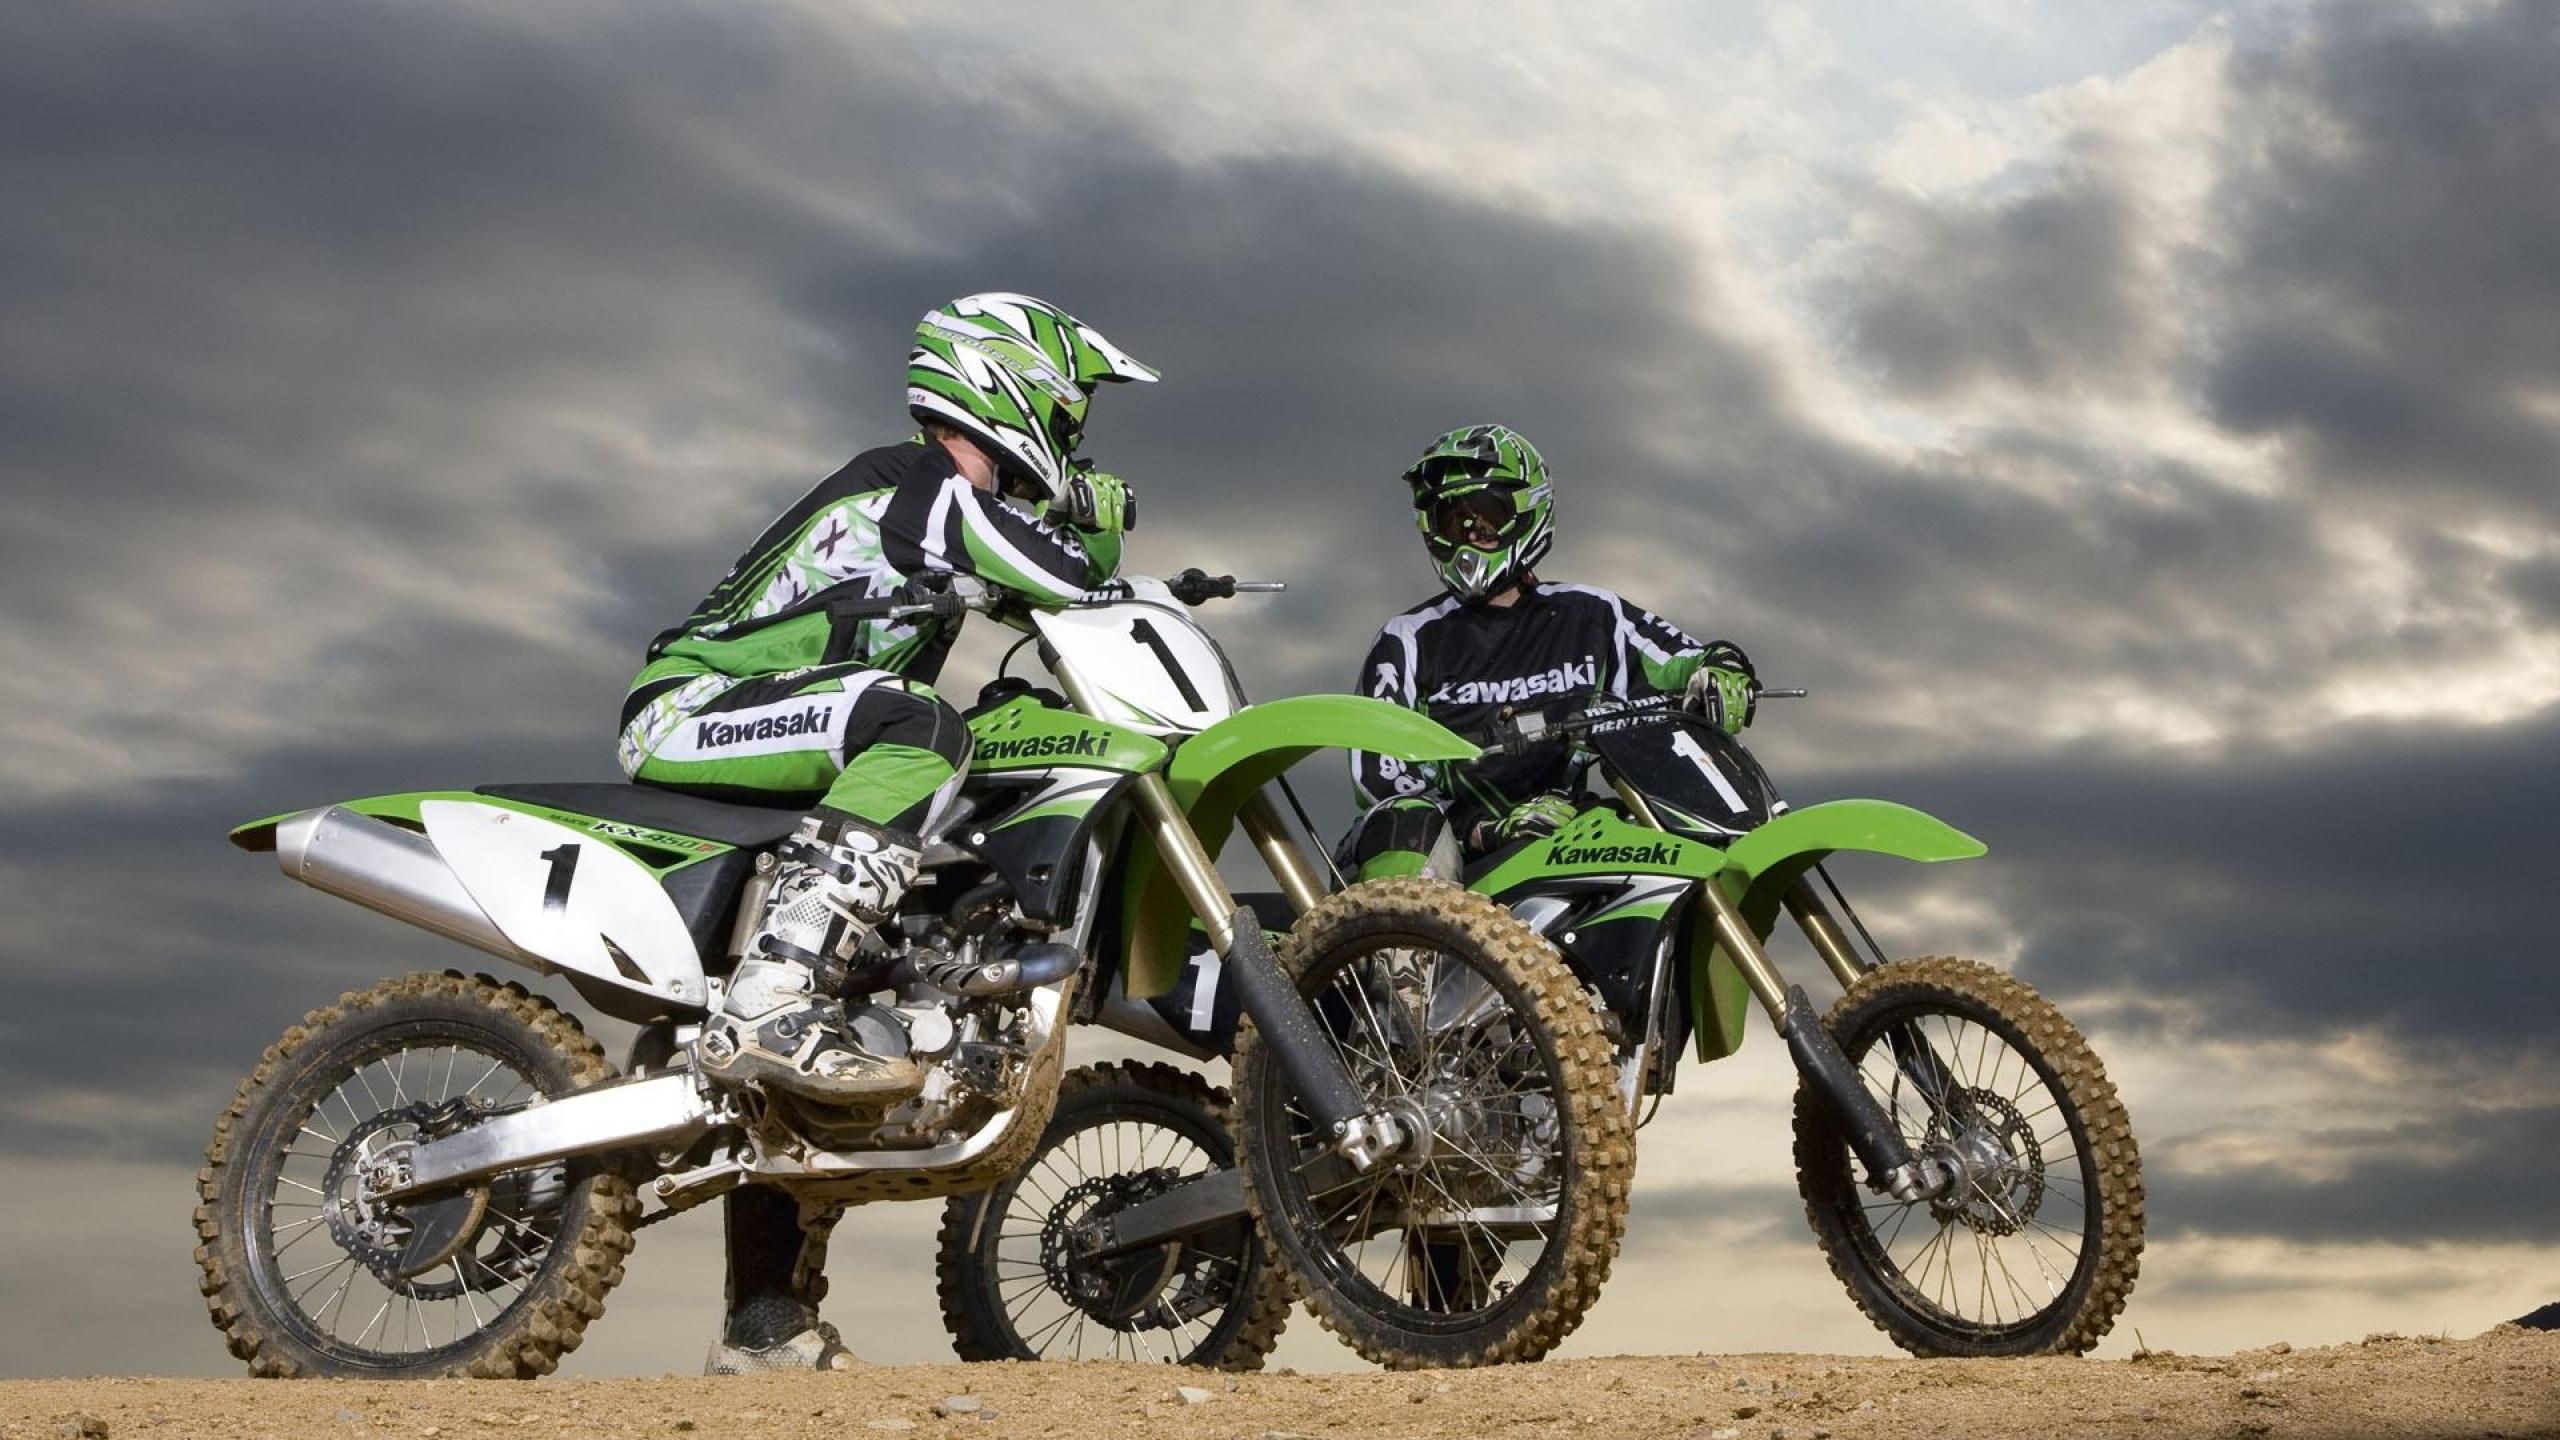 Moto Cross Full Hd Fond D 233 Cran And Arri 232 Re Plan 2560x1440 Id 547888